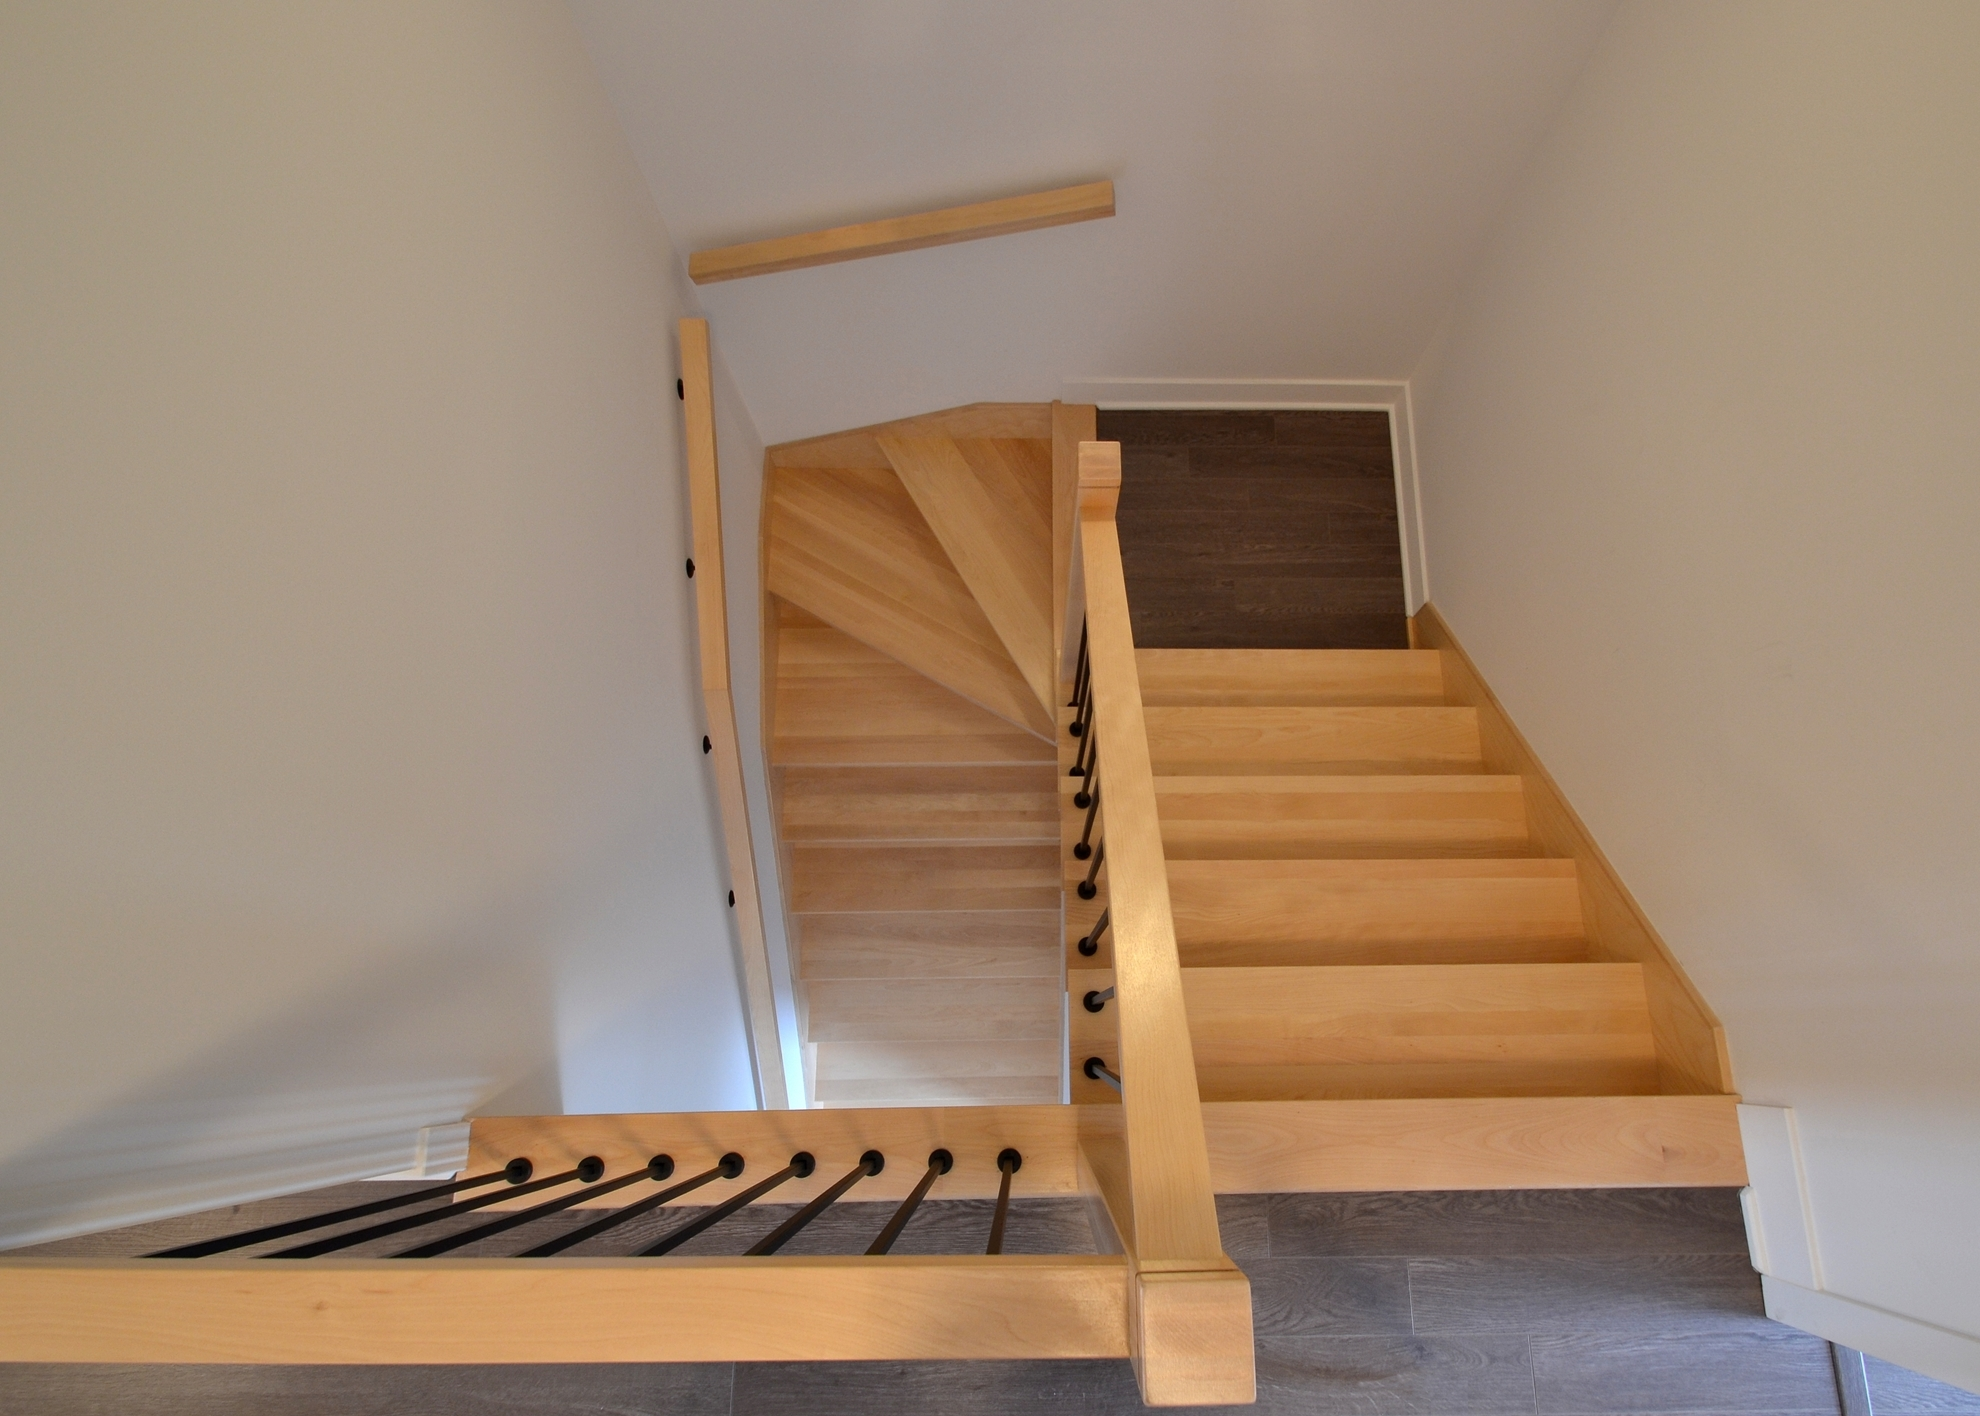 Picture of 21-Escalier barreaux de métal